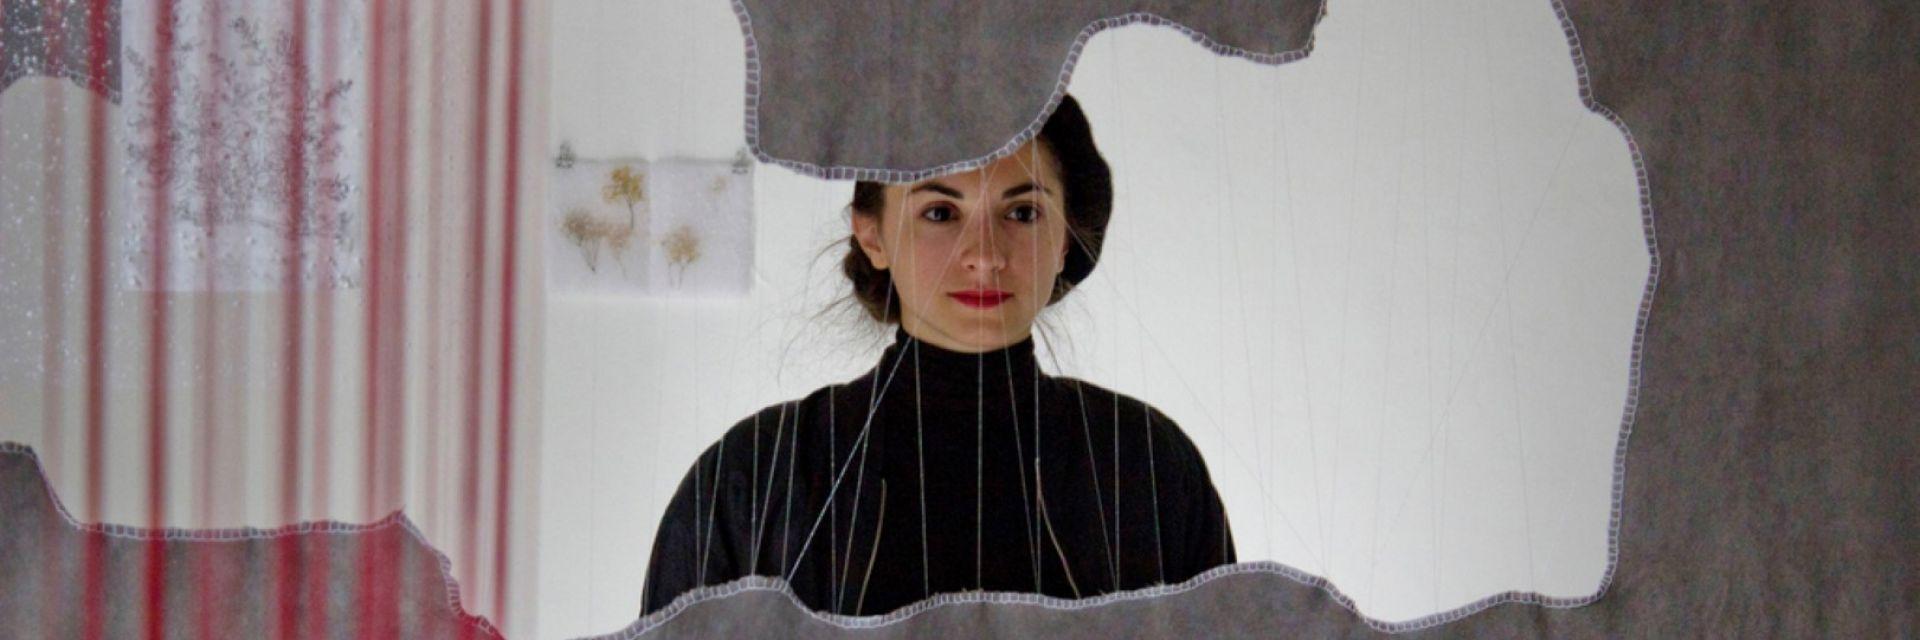 Художничката Мария Налбантова: Любопитни са ми взаимовръзката и конфликтите между човека и света около него